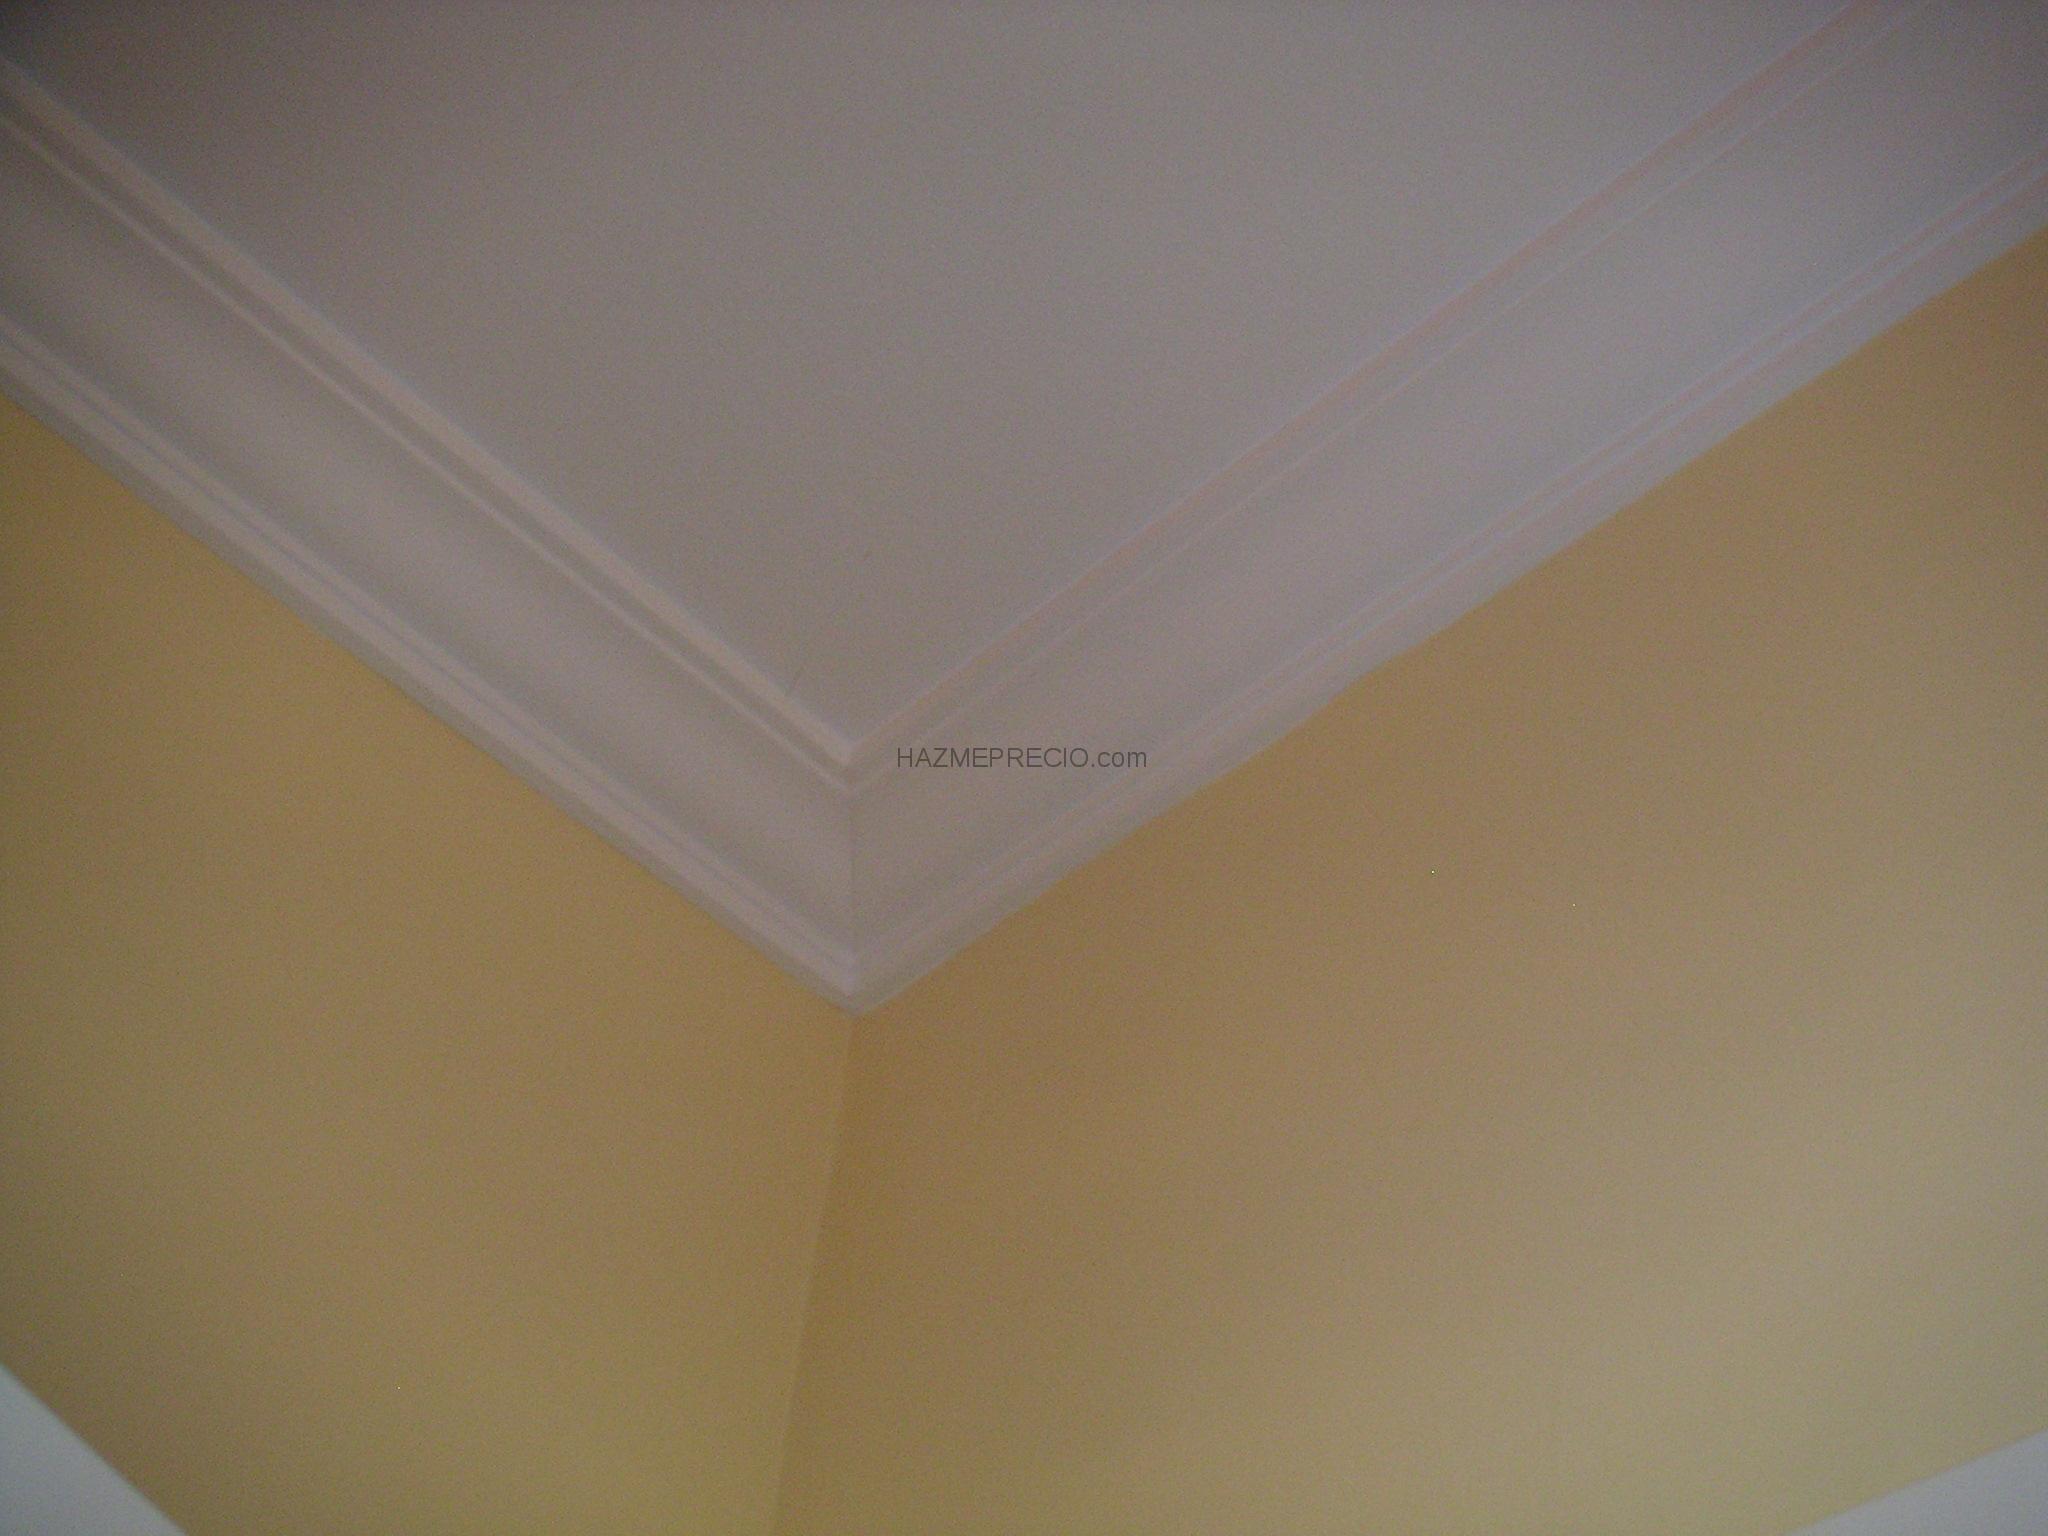 Presupuesto para pintar piso cambiar marcos puertas - Precio pintar piso barcelona ...